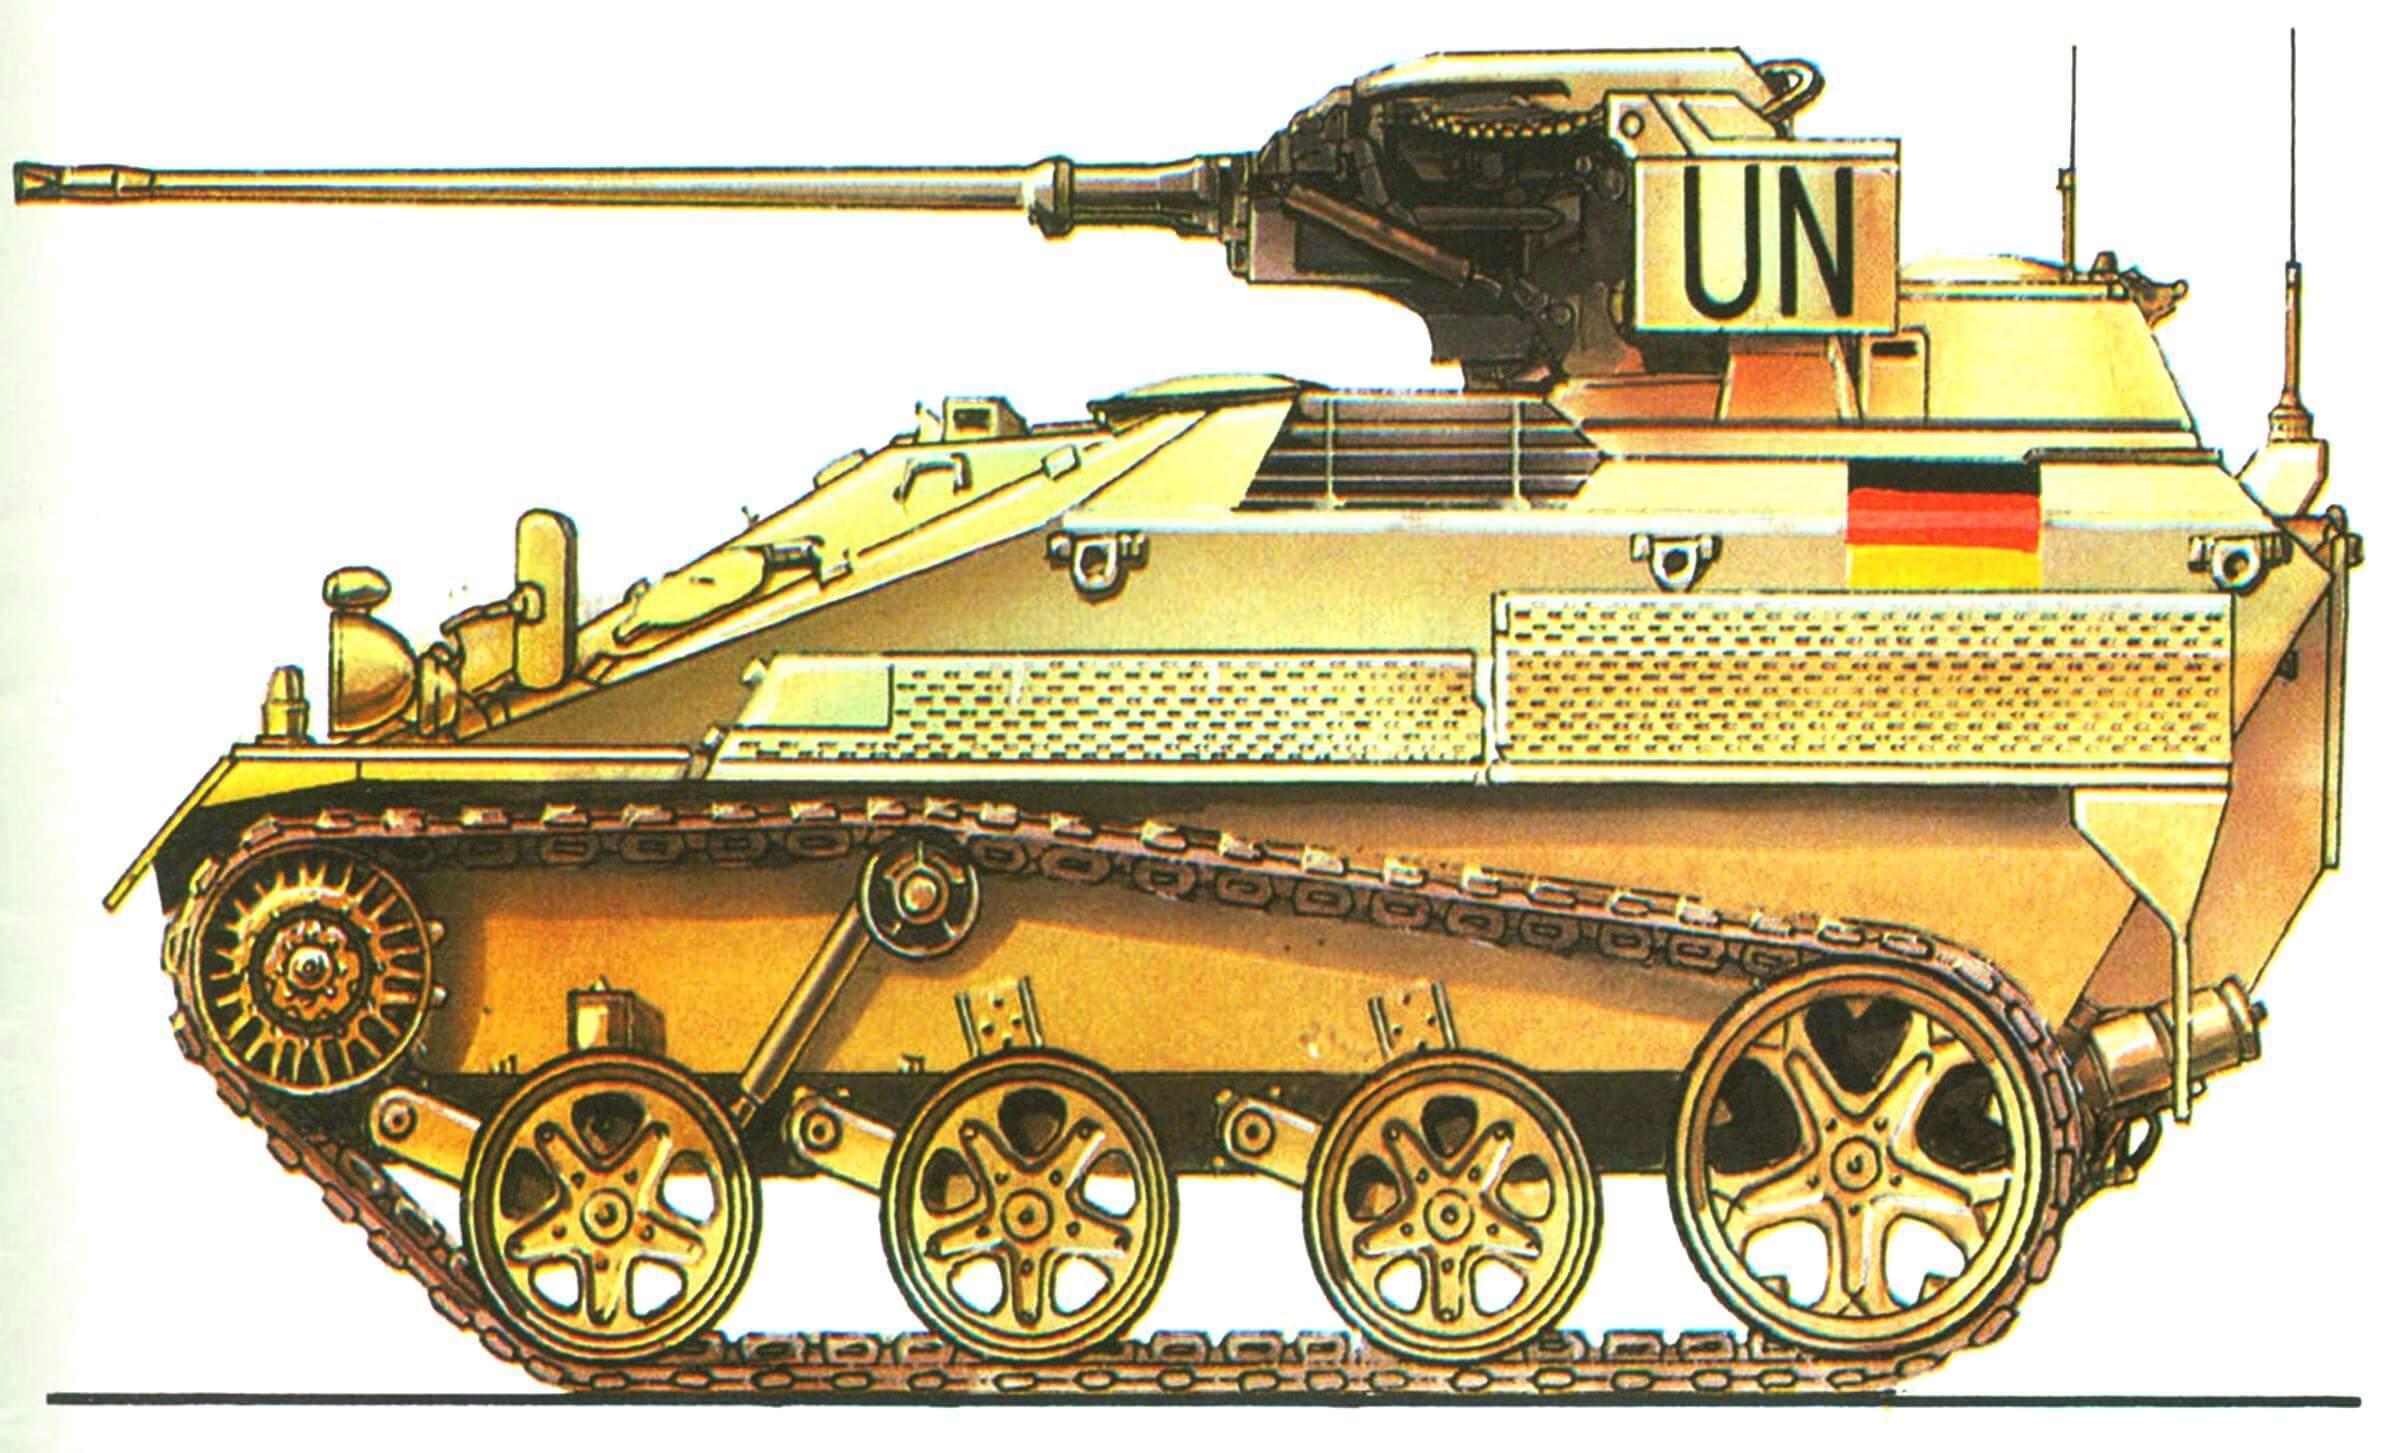 «Визель» Мк20 А1. Вооруженные силы ООН в Сомали, 1993 год.